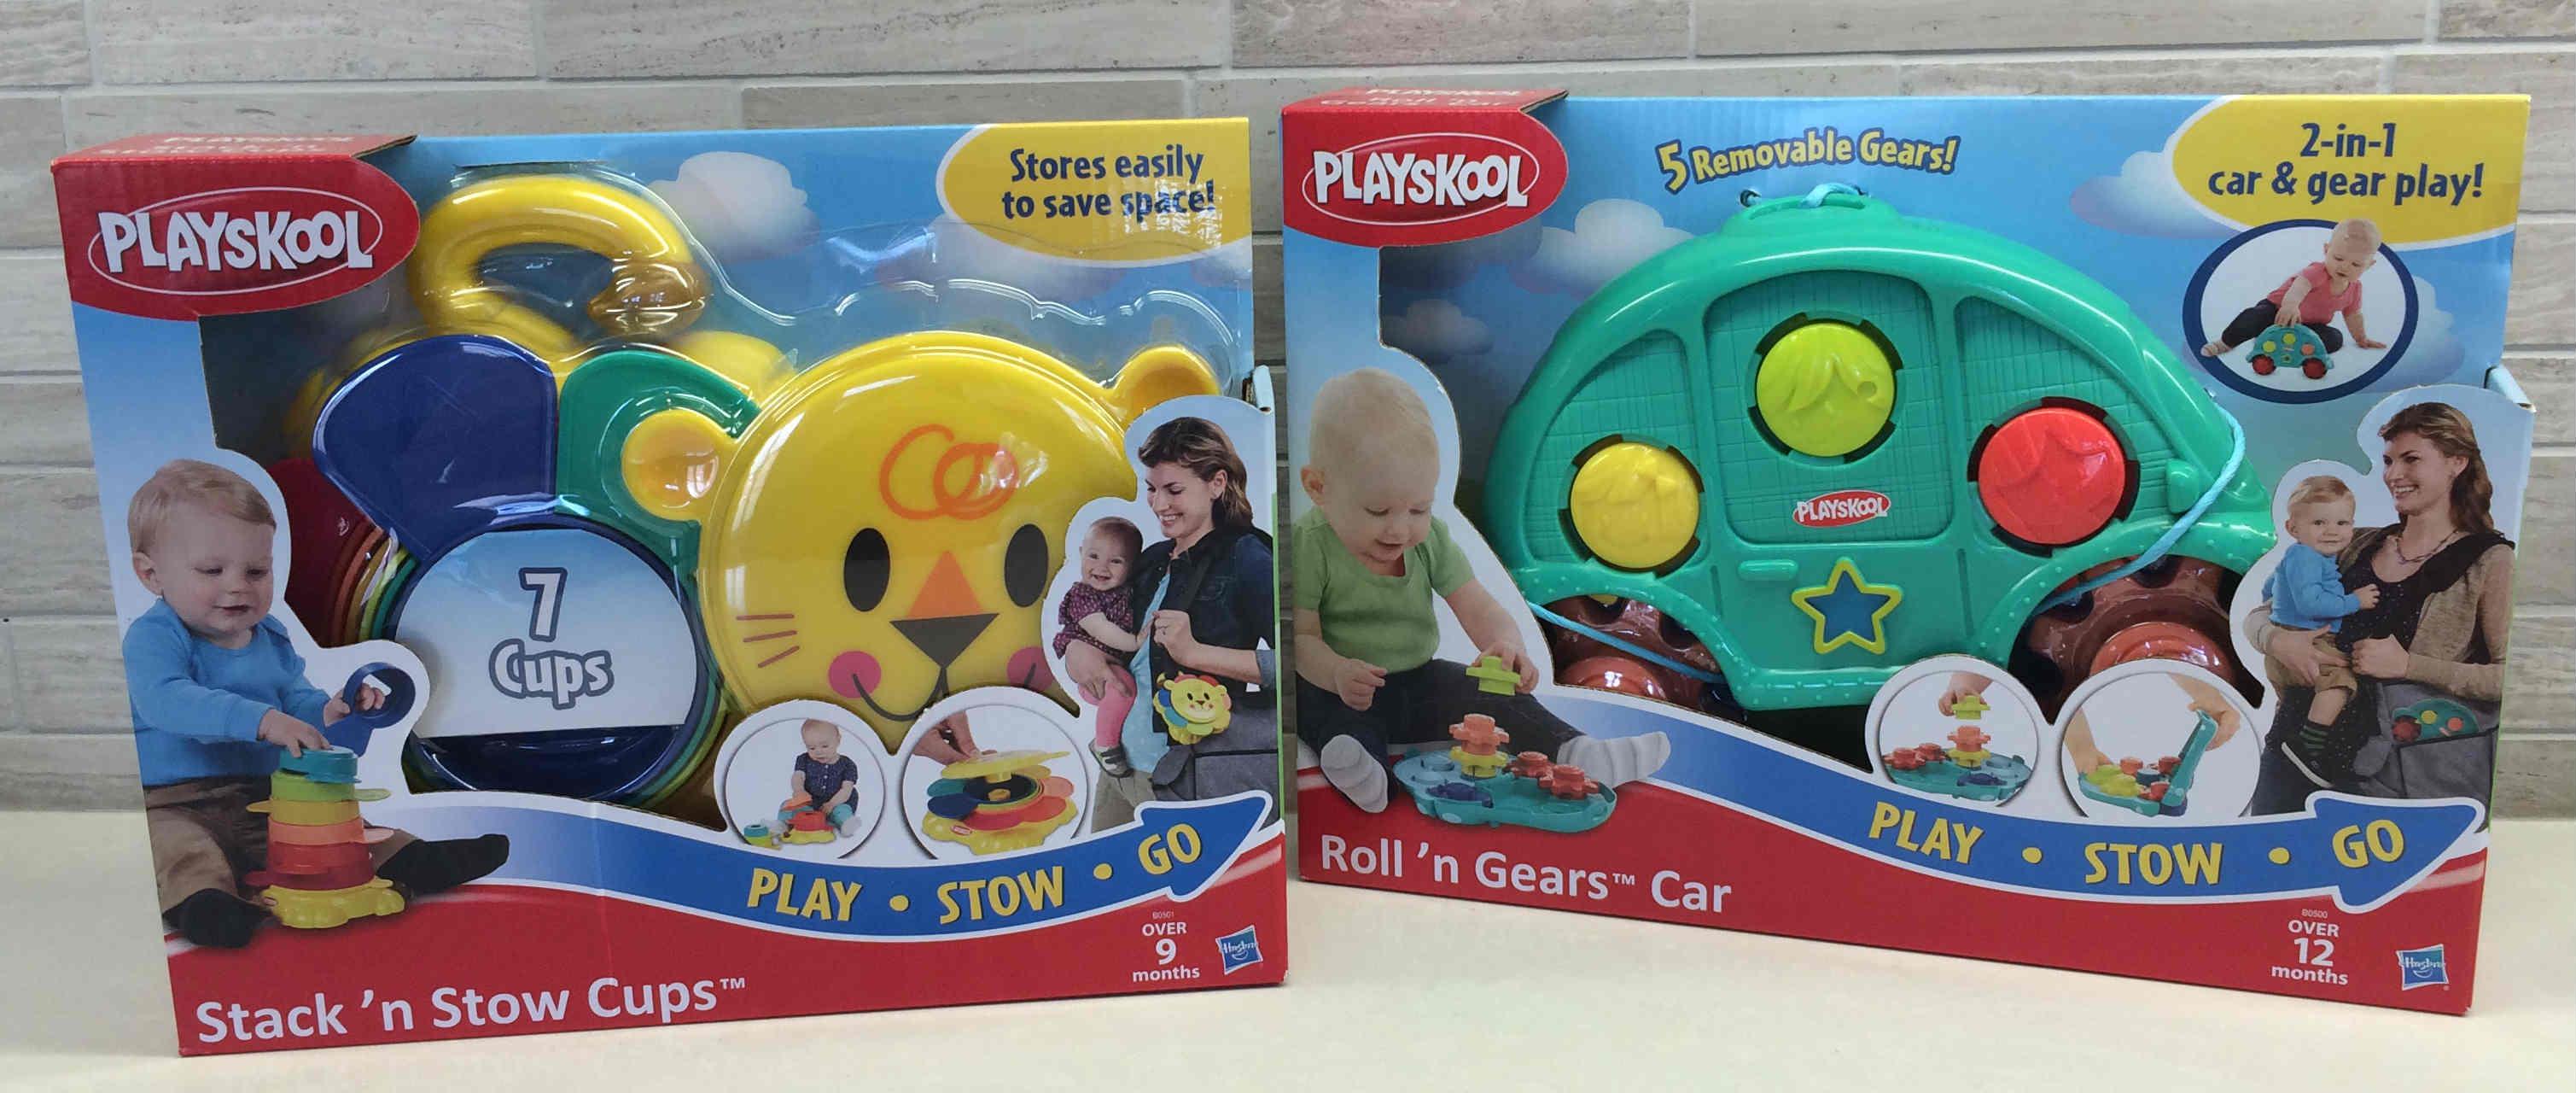 Playskool Toys 2